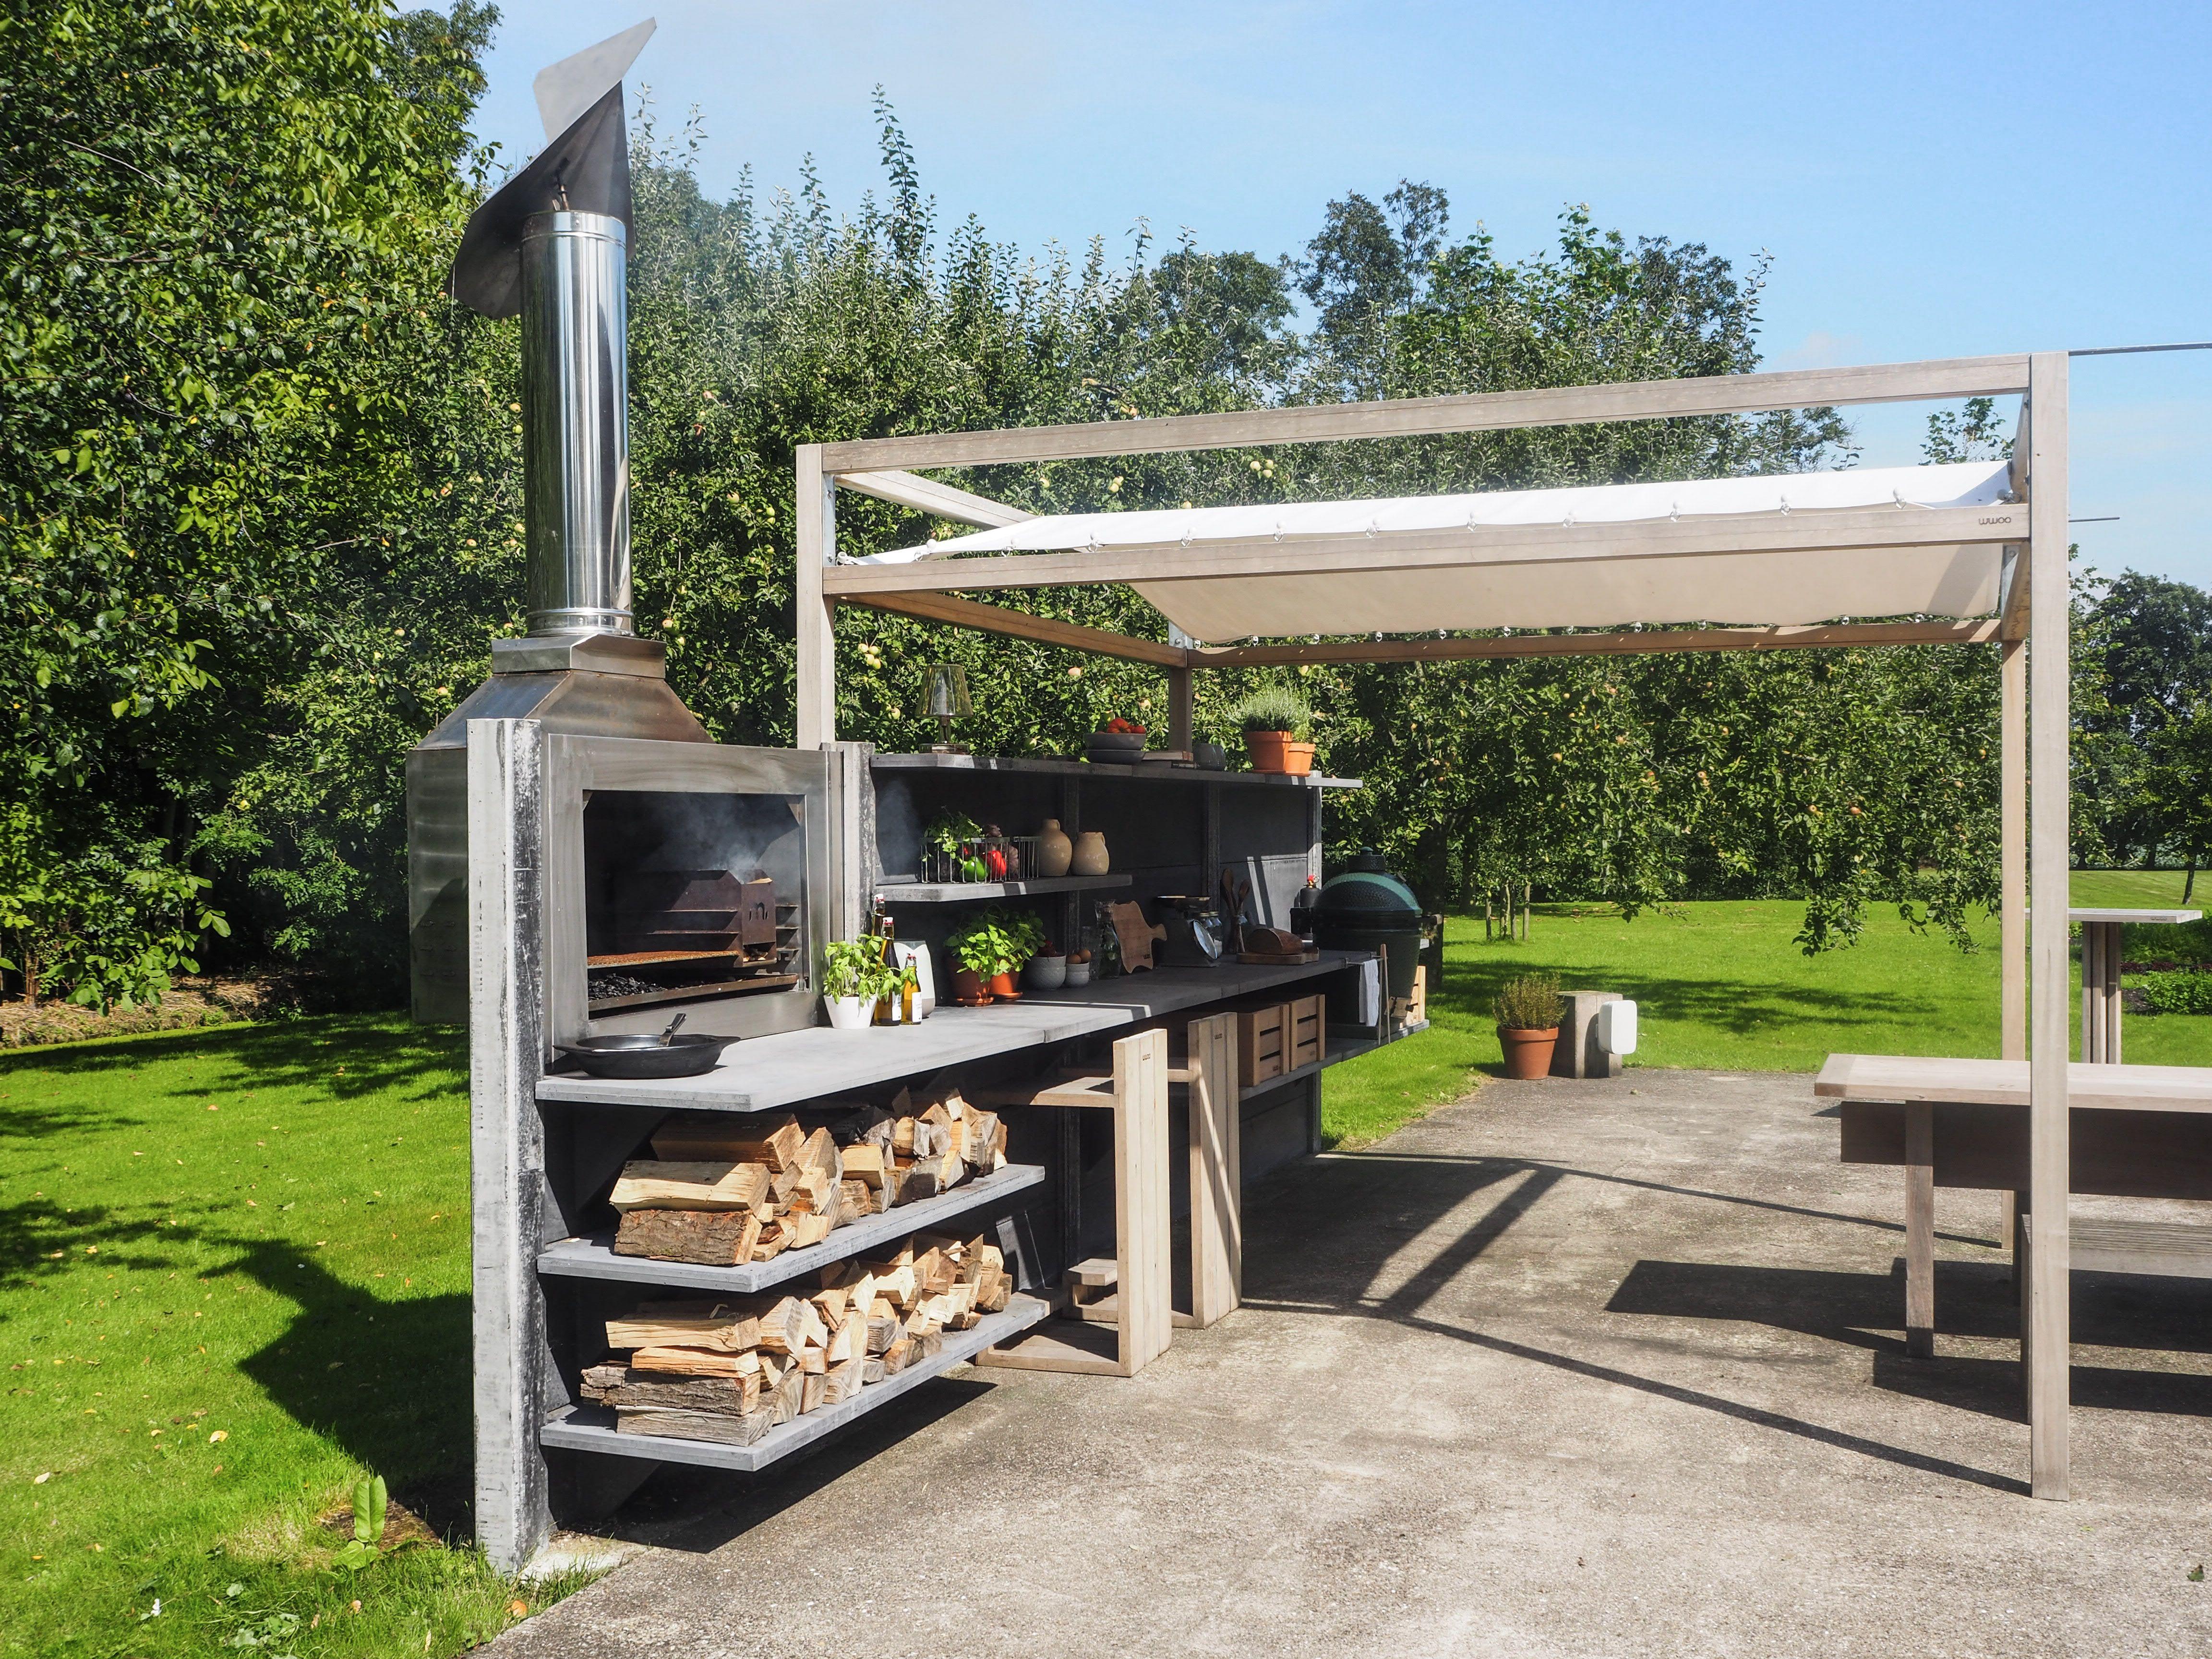 Outdoor Küche Weber Genesis : Outdoor küche q unsere messetermine q adventuregear